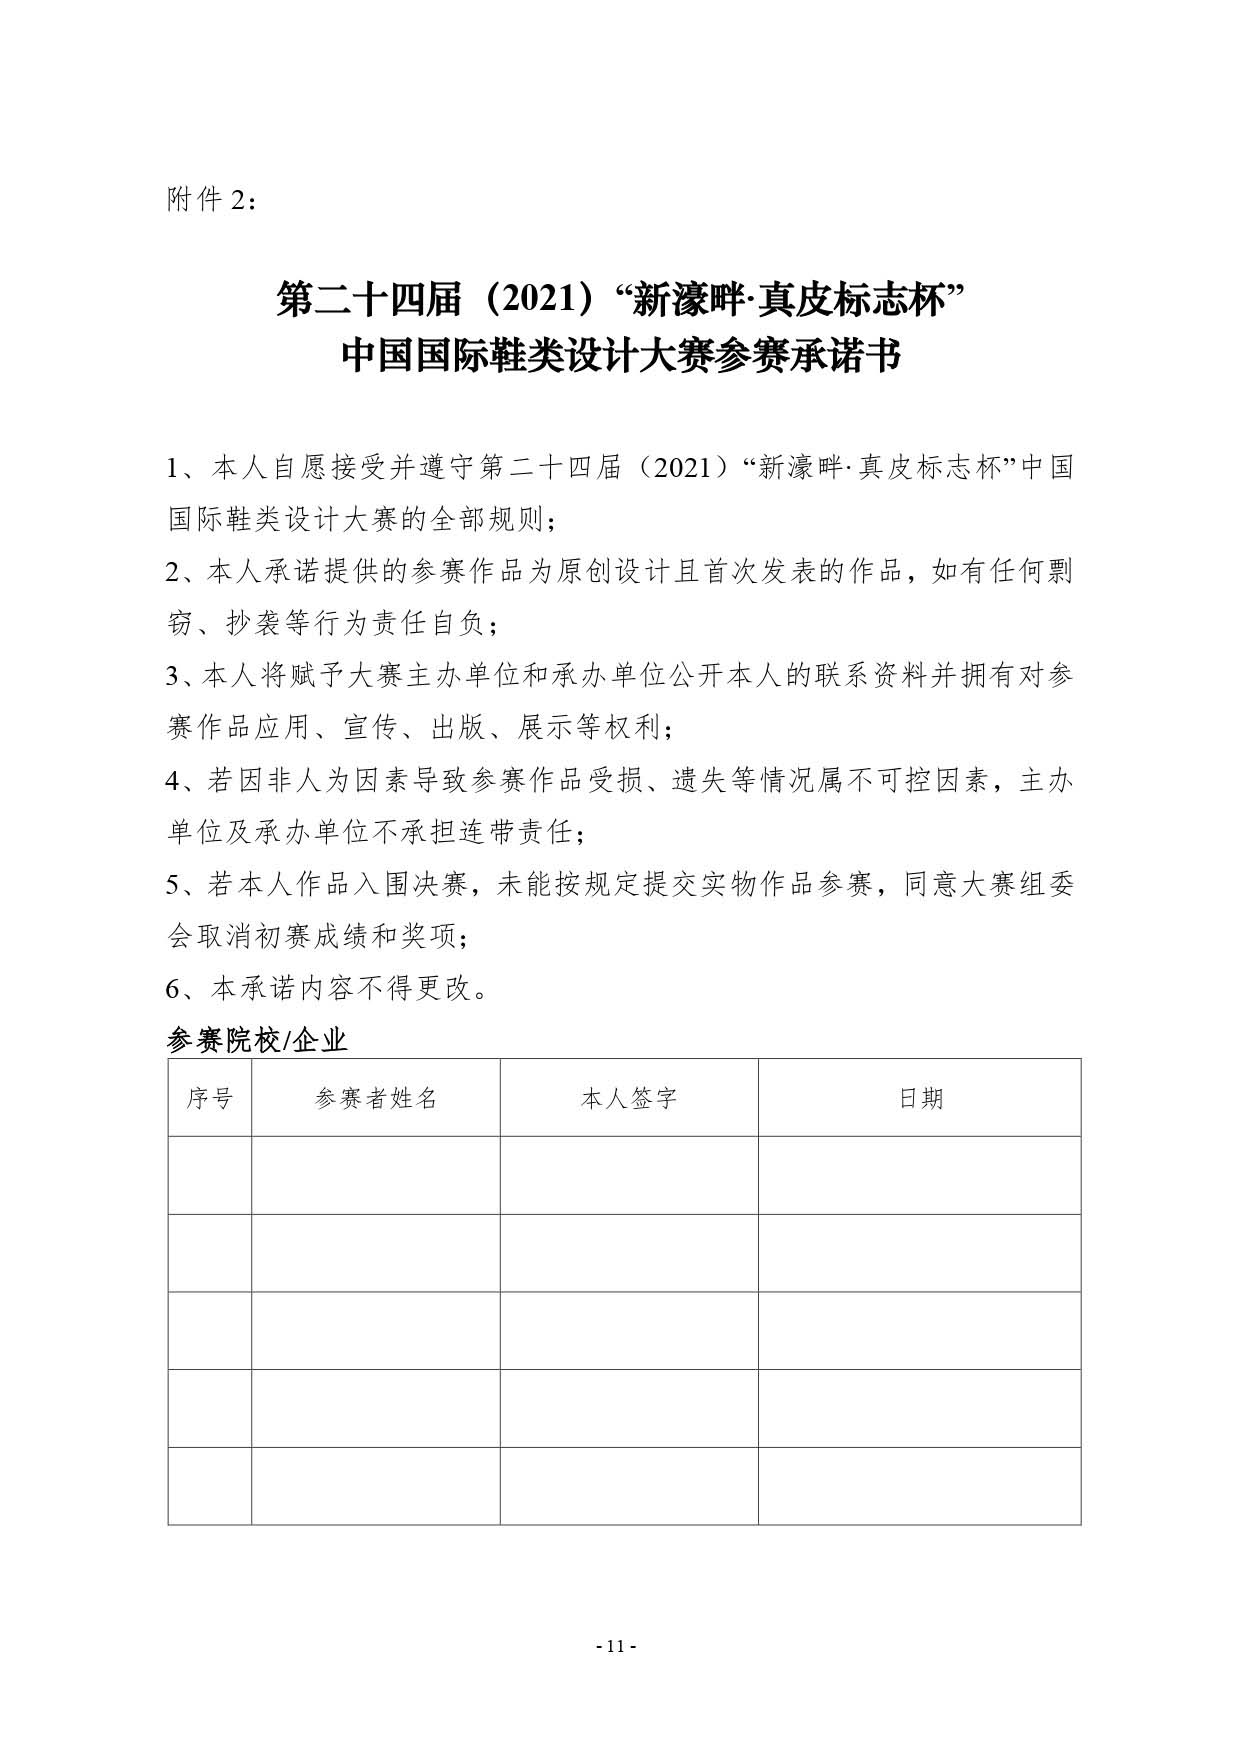 第二十四届(2021)真皮标志杯鞋类大赛通知2020.11.25.印刷版_page-0011.jpg